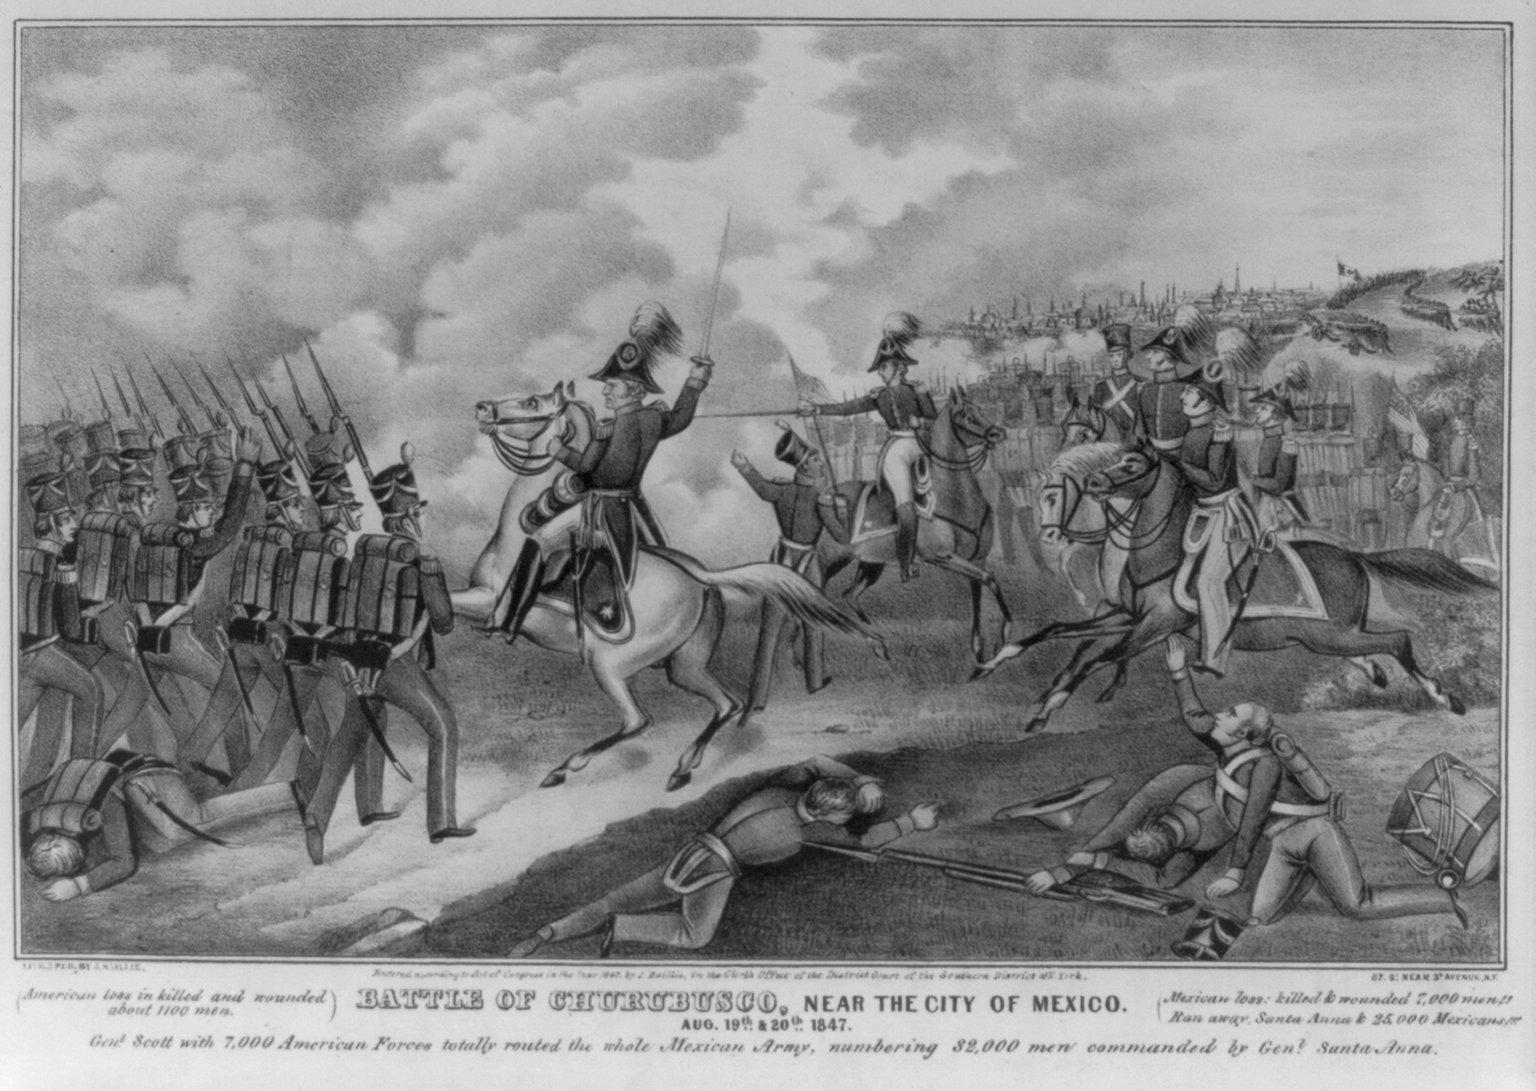 File:Batalla de Churubusco-19 y 20 de agosto de 1847.jpg